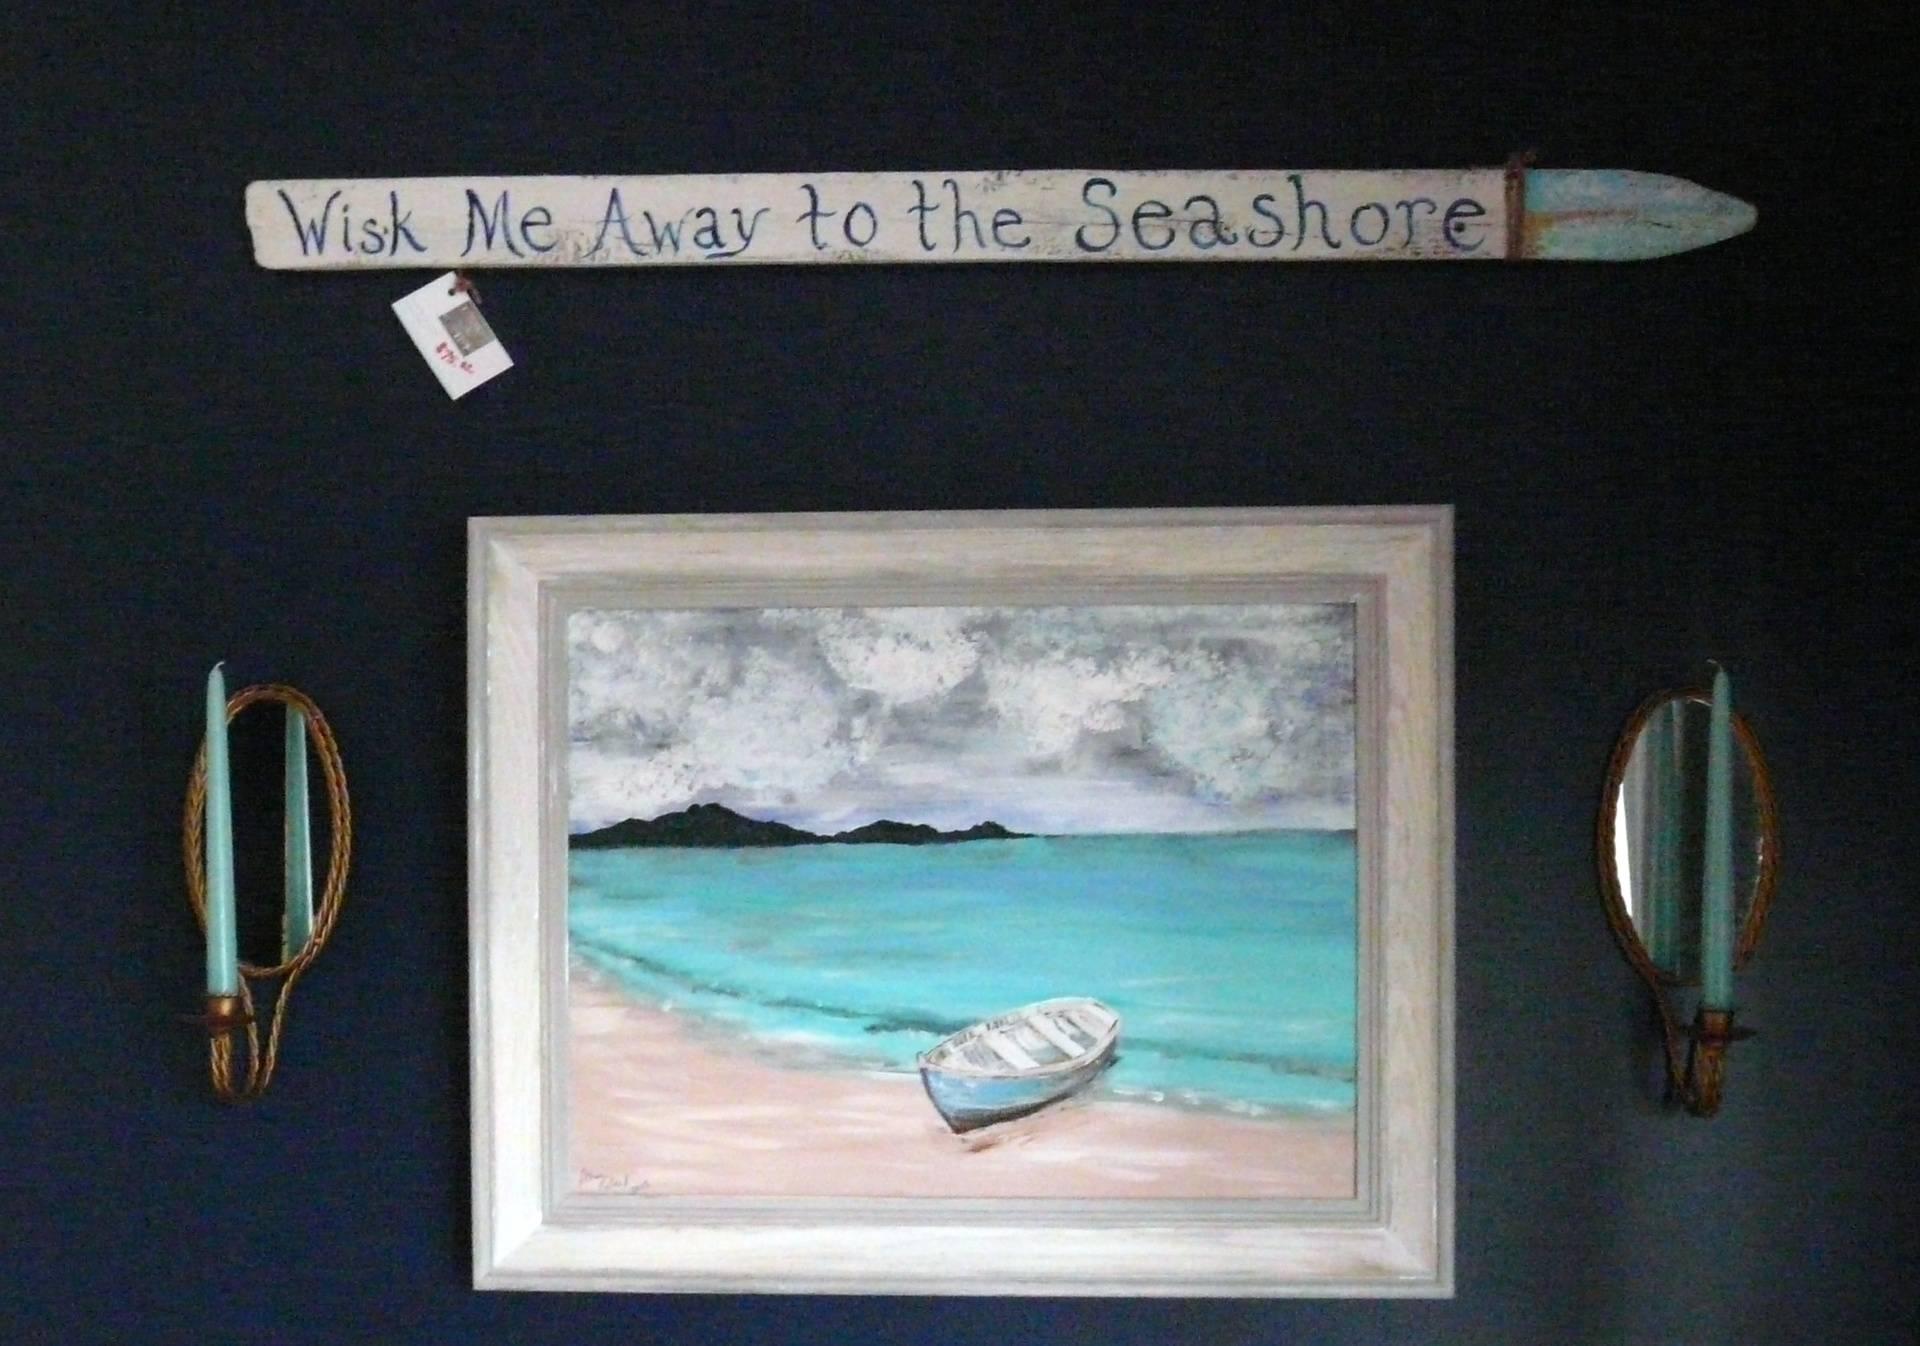 Wisk me away to the seashore